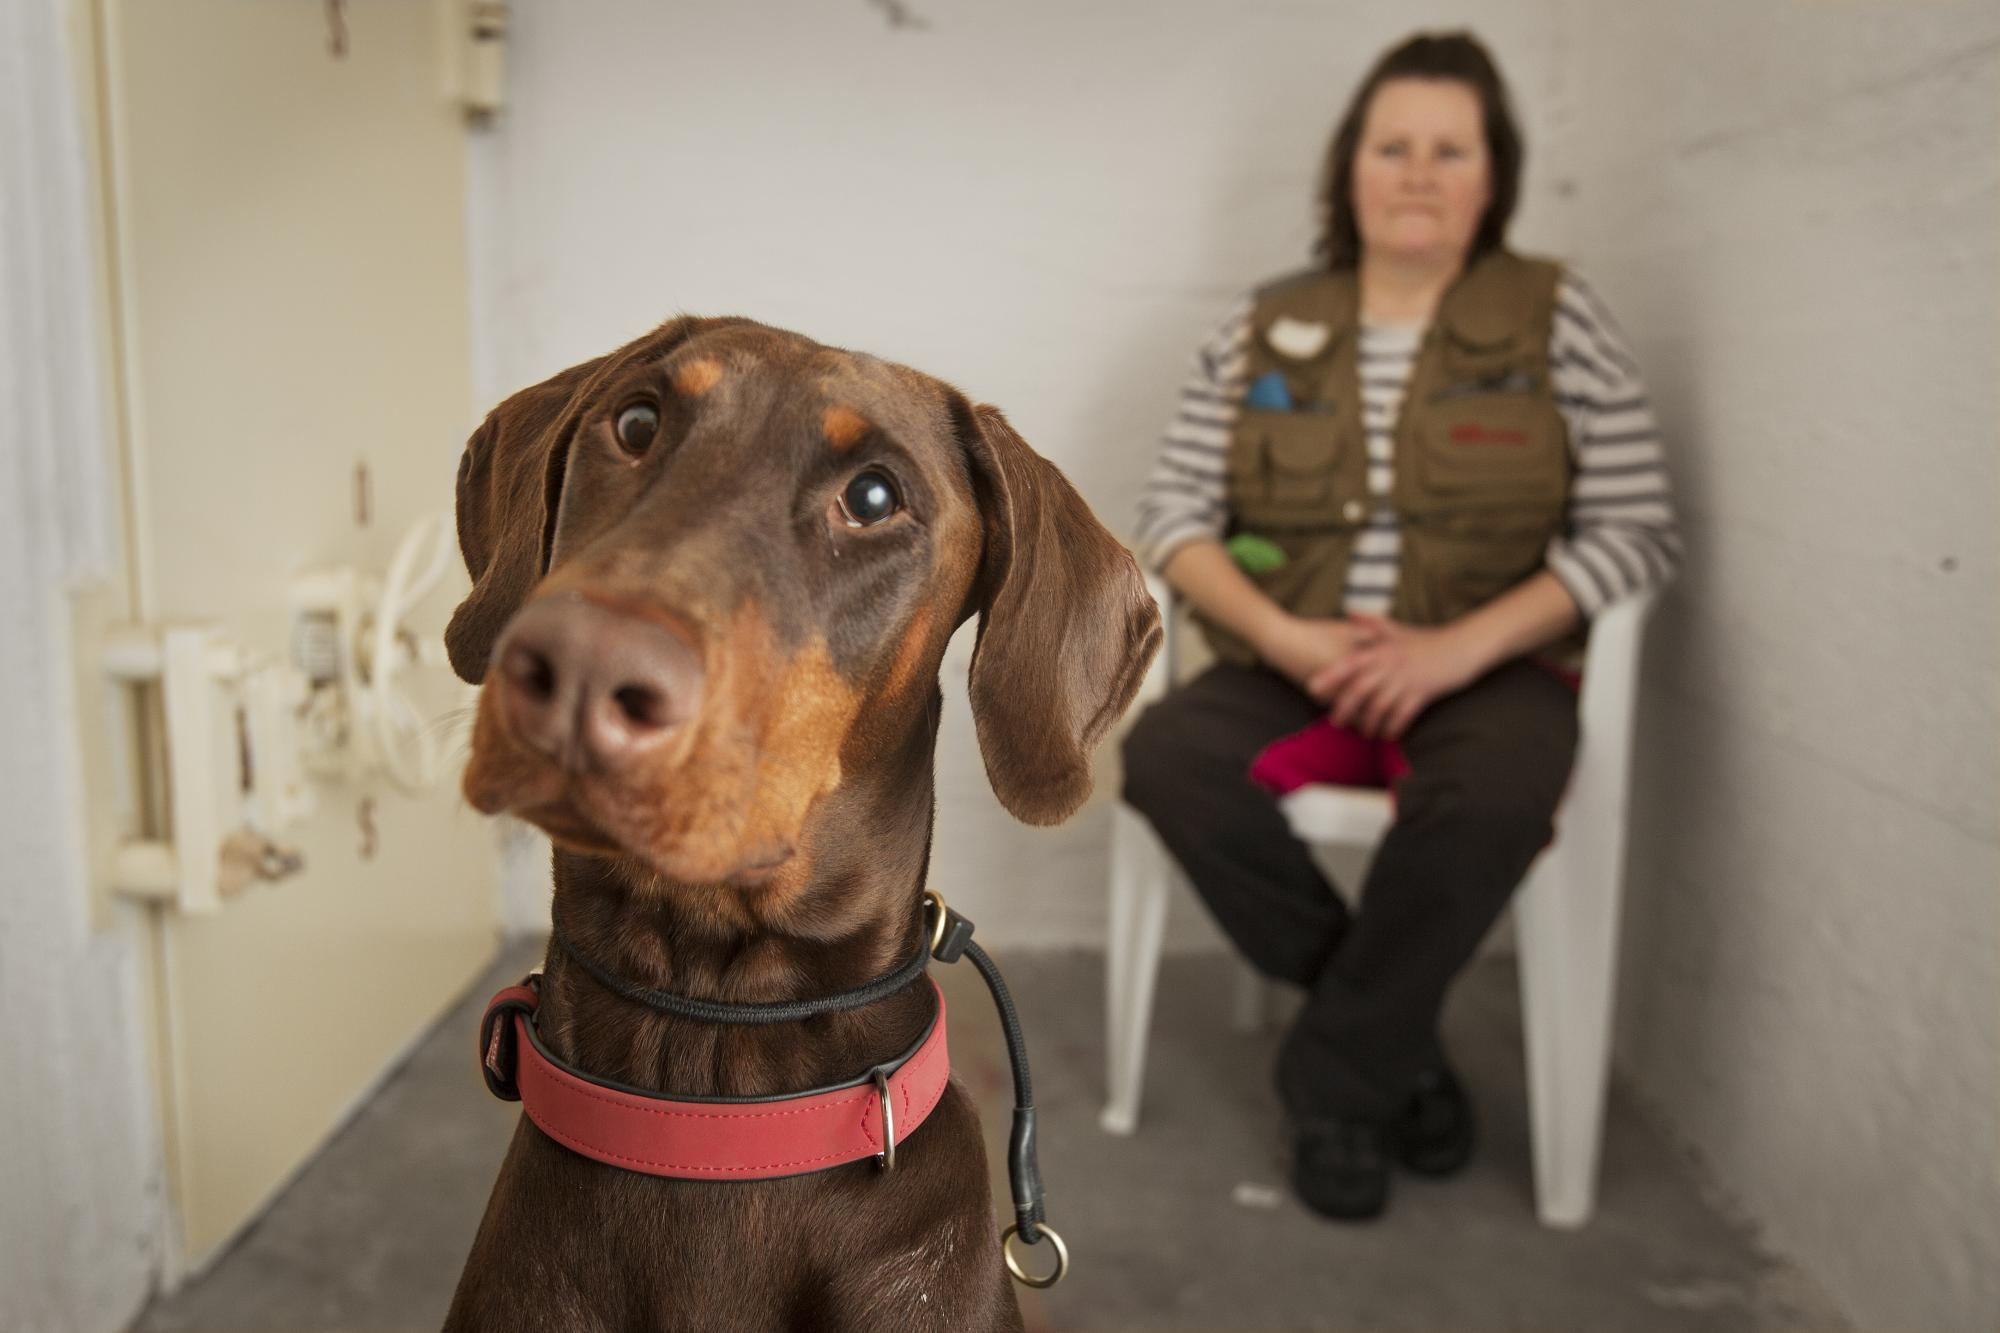 Anette Bergenström firade nyår i sitt skyddsrum för att inte utsätta sin hund Lova för skott och fyrverkerier. <br />Klicka på bilden för att komma till Webb-TV-inslaget.